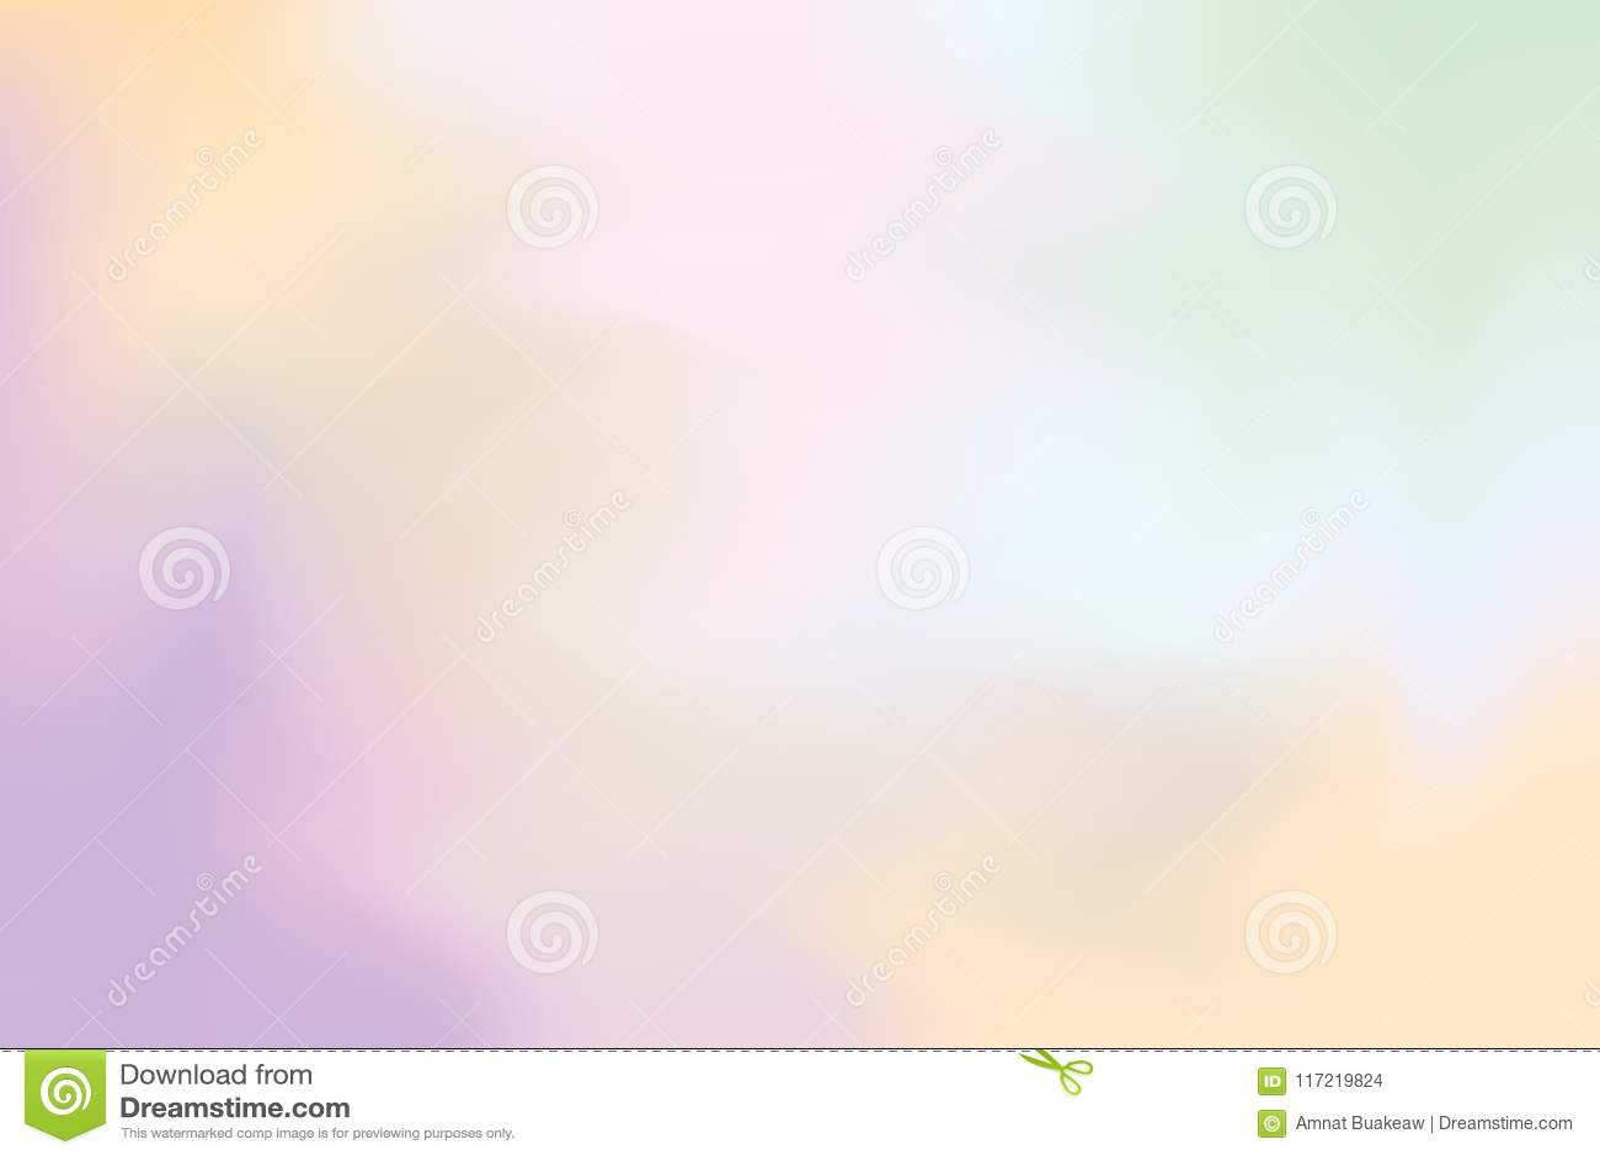 För bakgrundsmålning för purpurfärgad rosa mjuk färg blandat abstrakt begrepp för pastell för konst, färgrik konsttapet